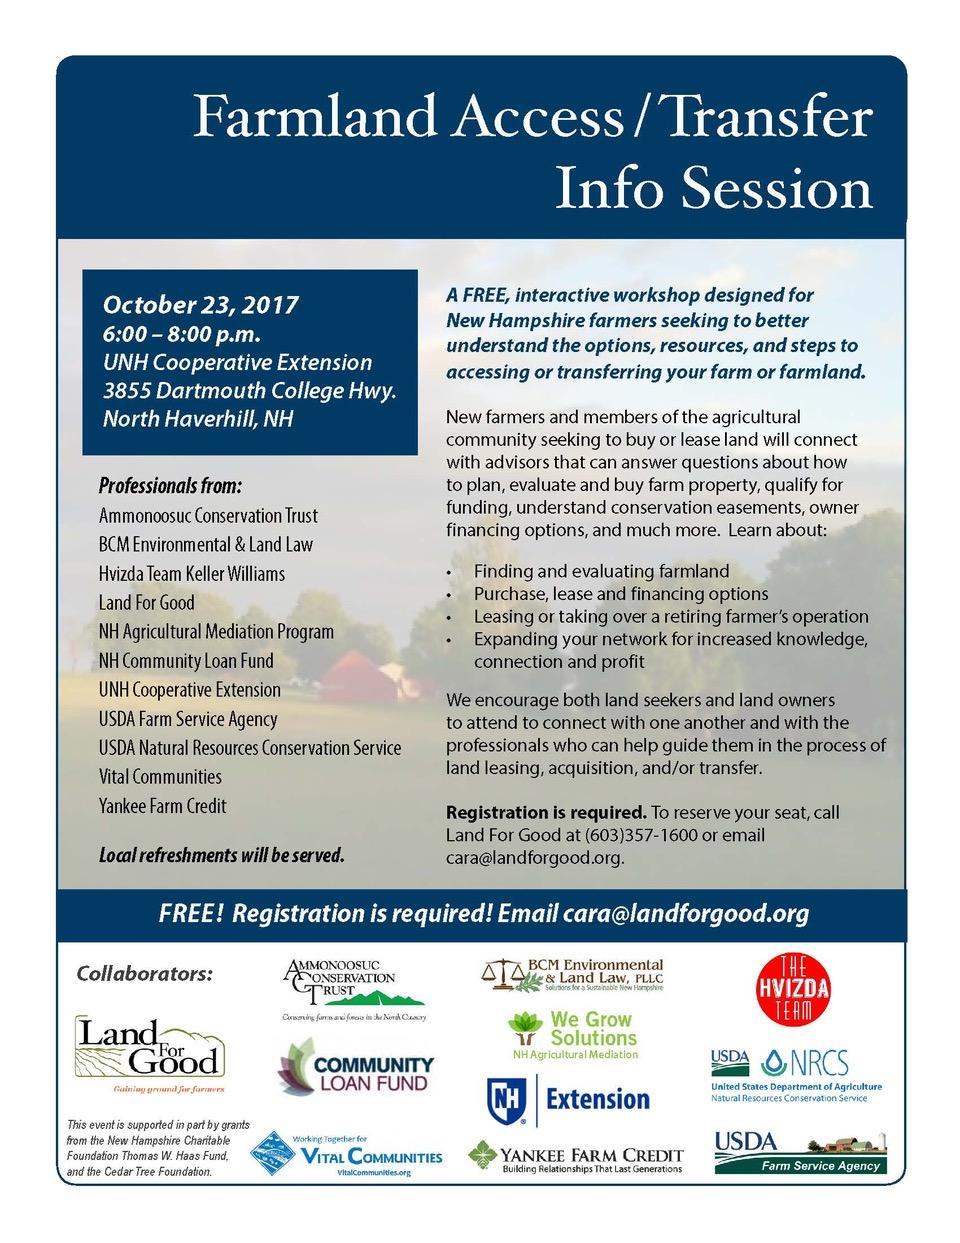 20171023_Farmland Access Transfer Workshop.jpeg